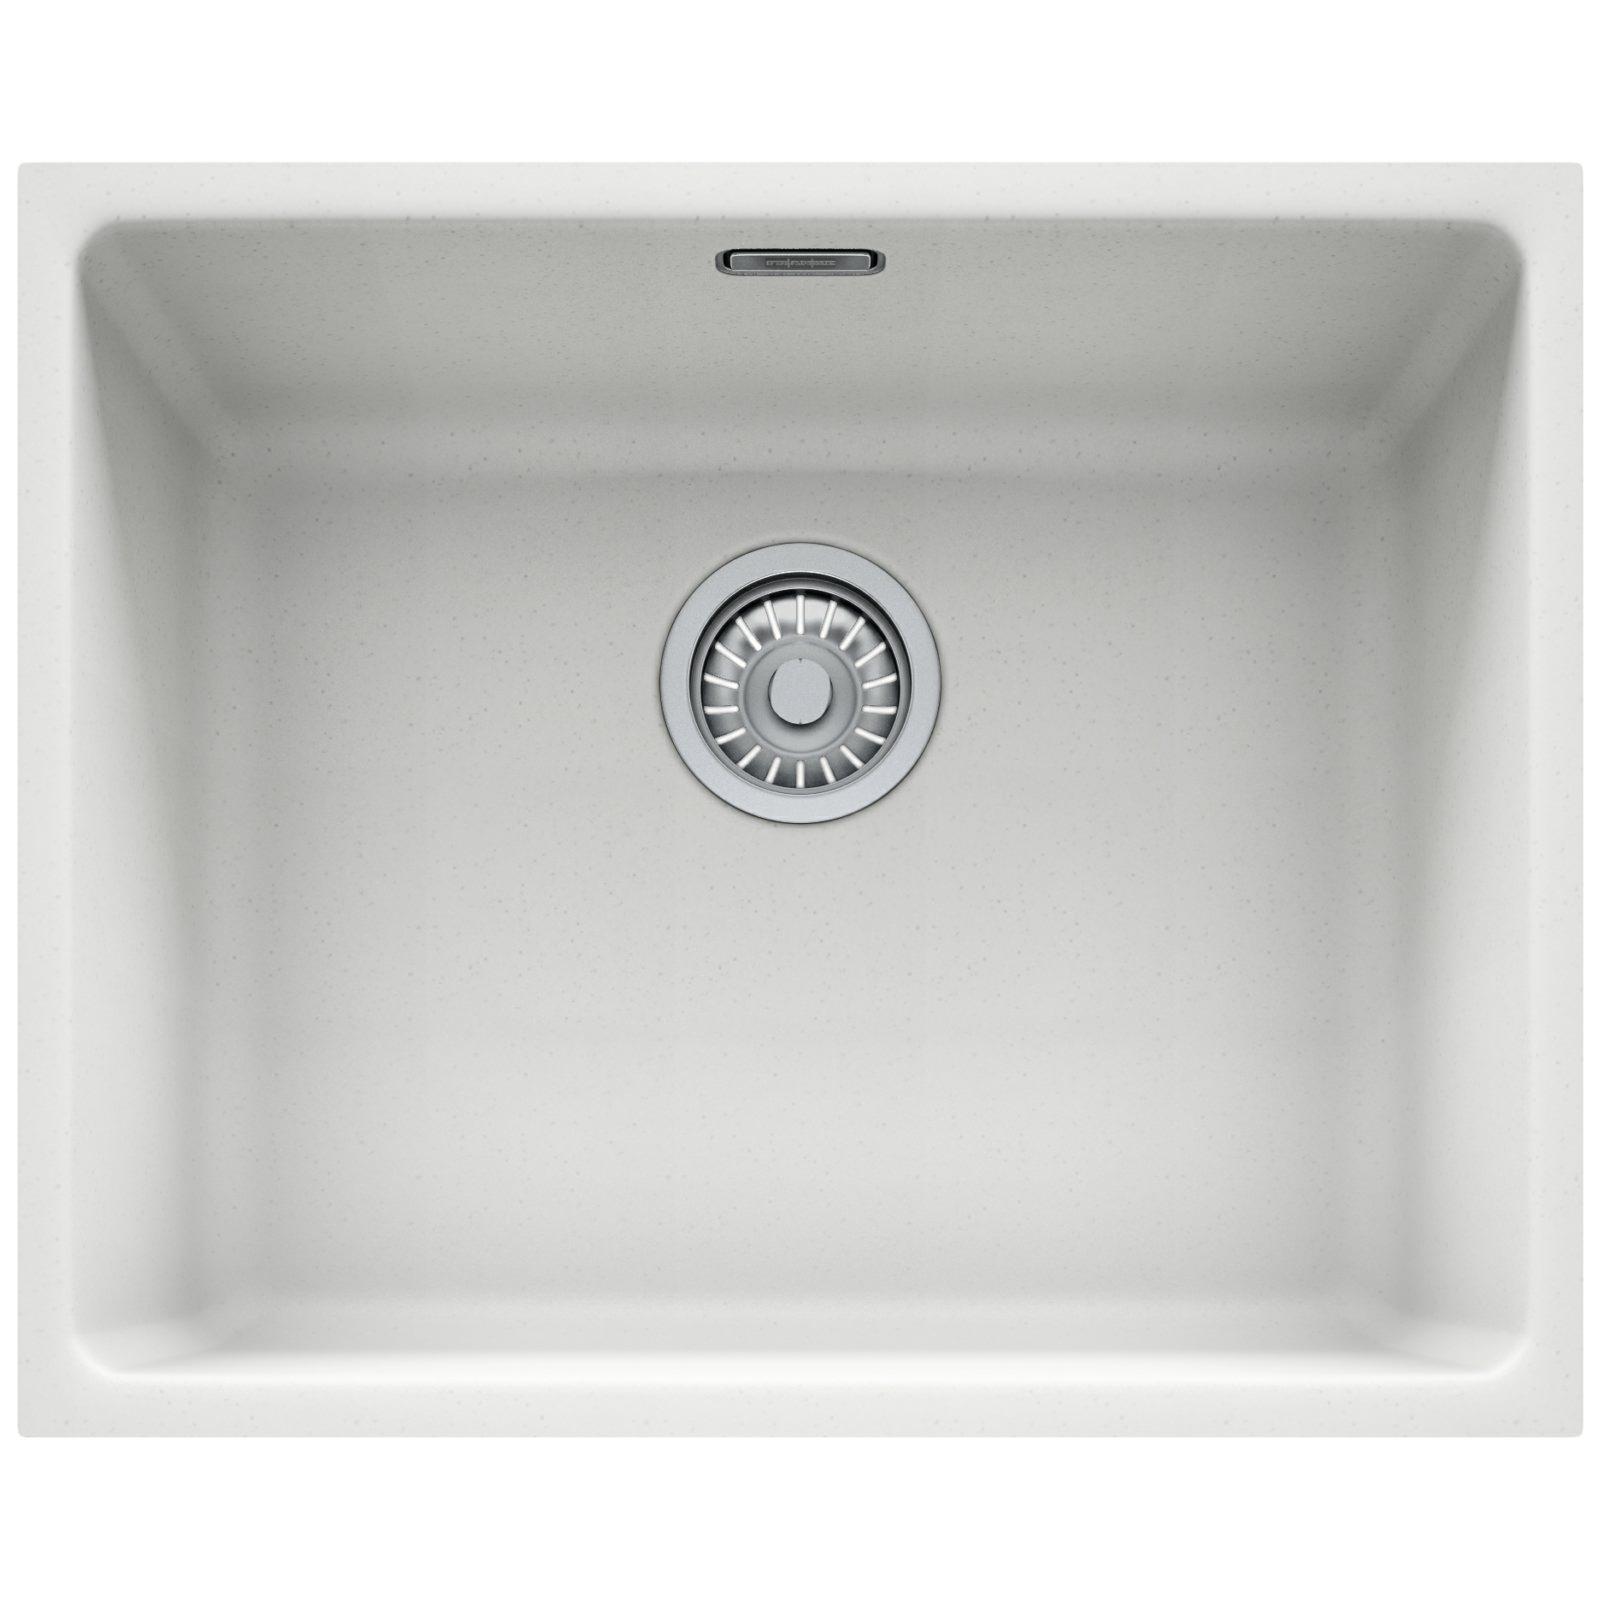 franke kitchen sinks delta talbott faucet kubus kbg 110 50 fragranite 1.0 bowl undermount ...